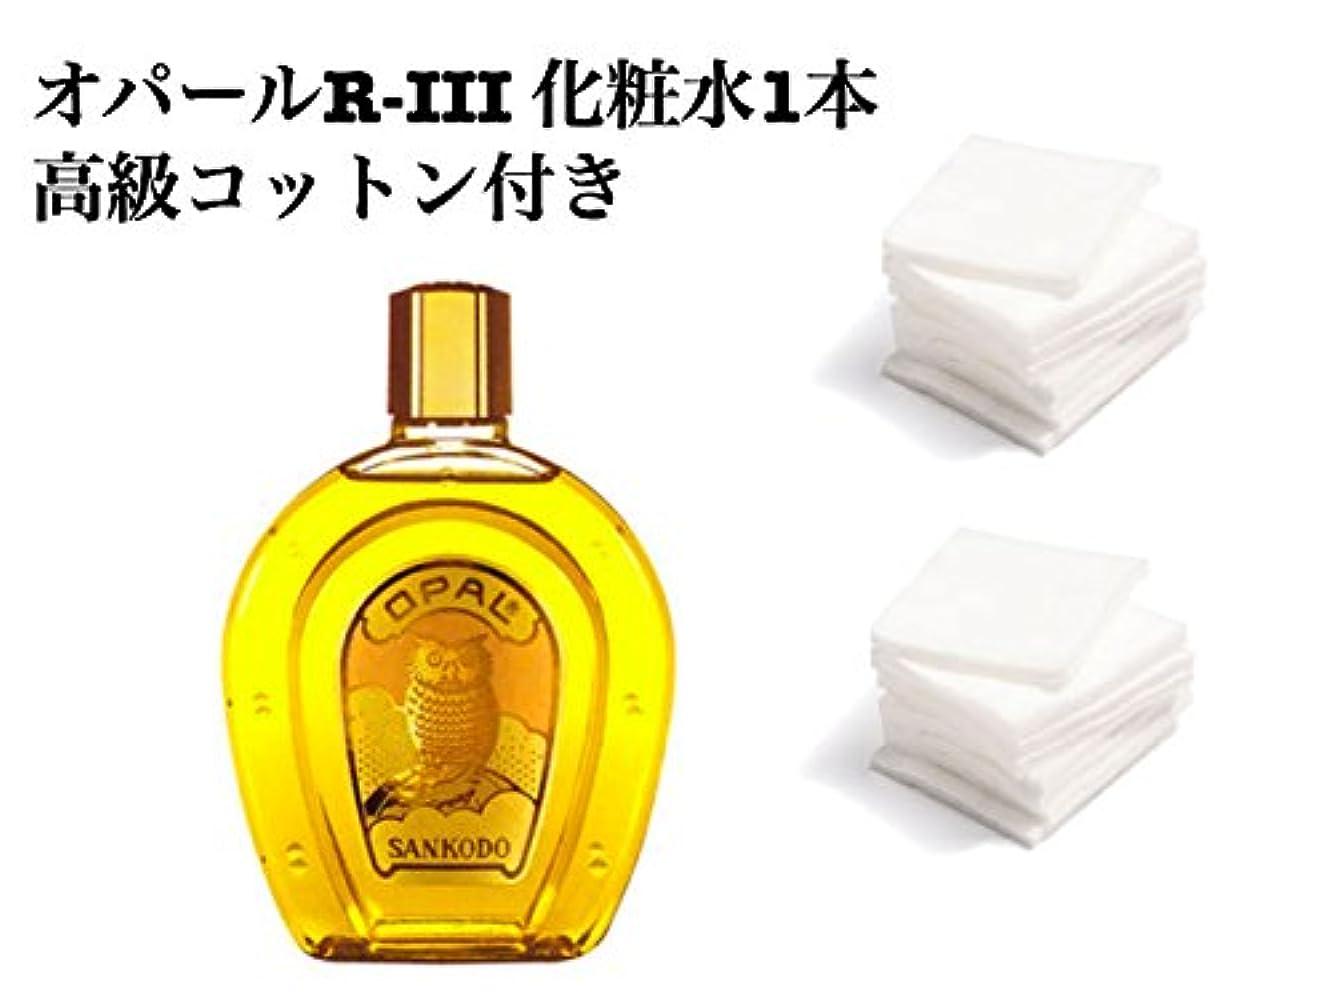 土器悲鳴そんなに【オパール化粧品】薬用オパール_R-Ⅲ (70ml & コットンセット)